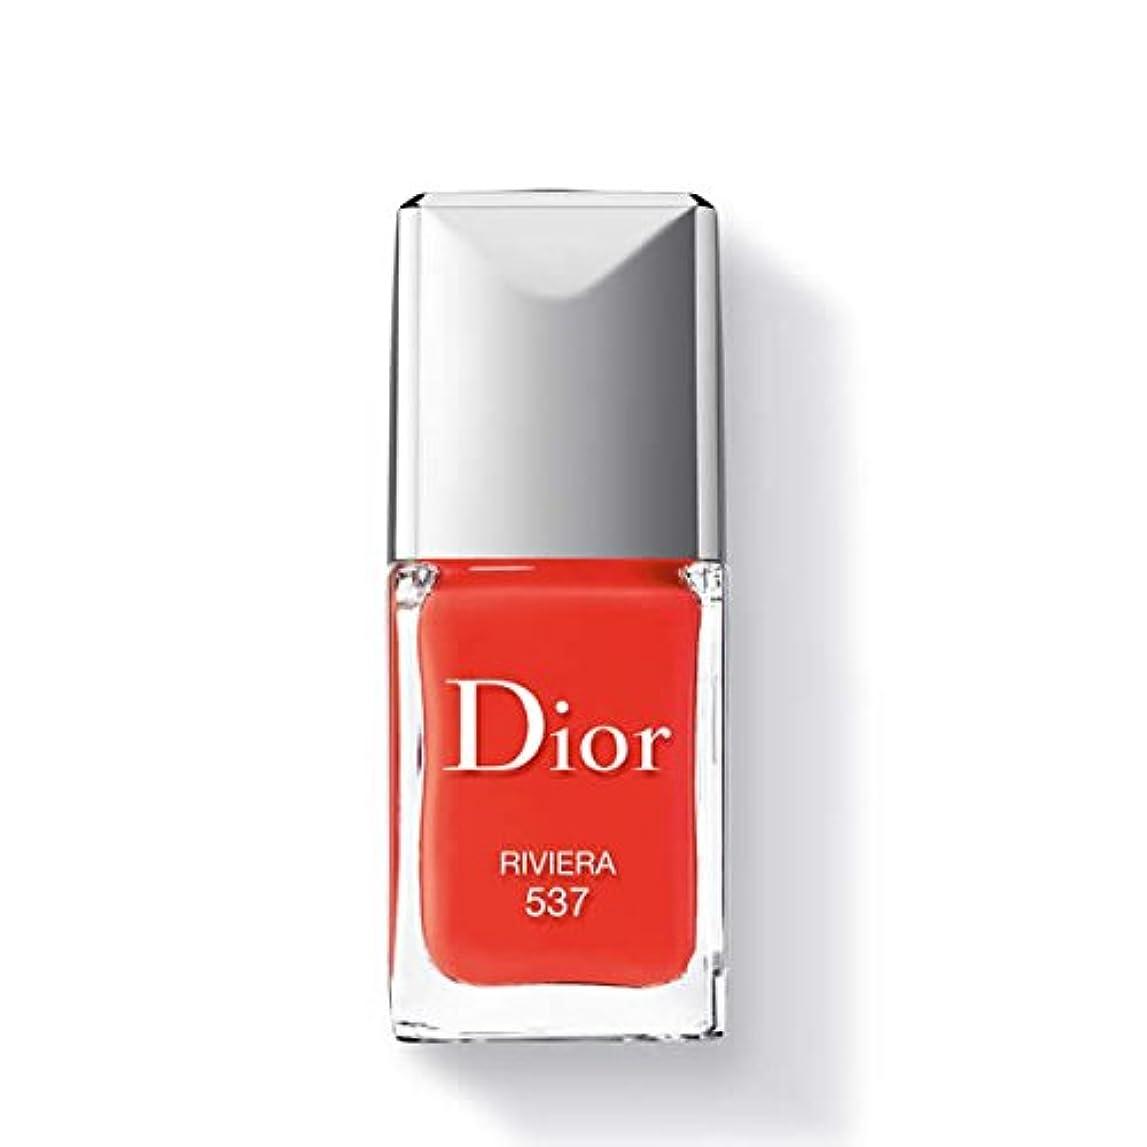 一生ロッジその他Dior ディオールヴェルニ #537 リヴィエラ 10ml [208031] [並行輸入品]